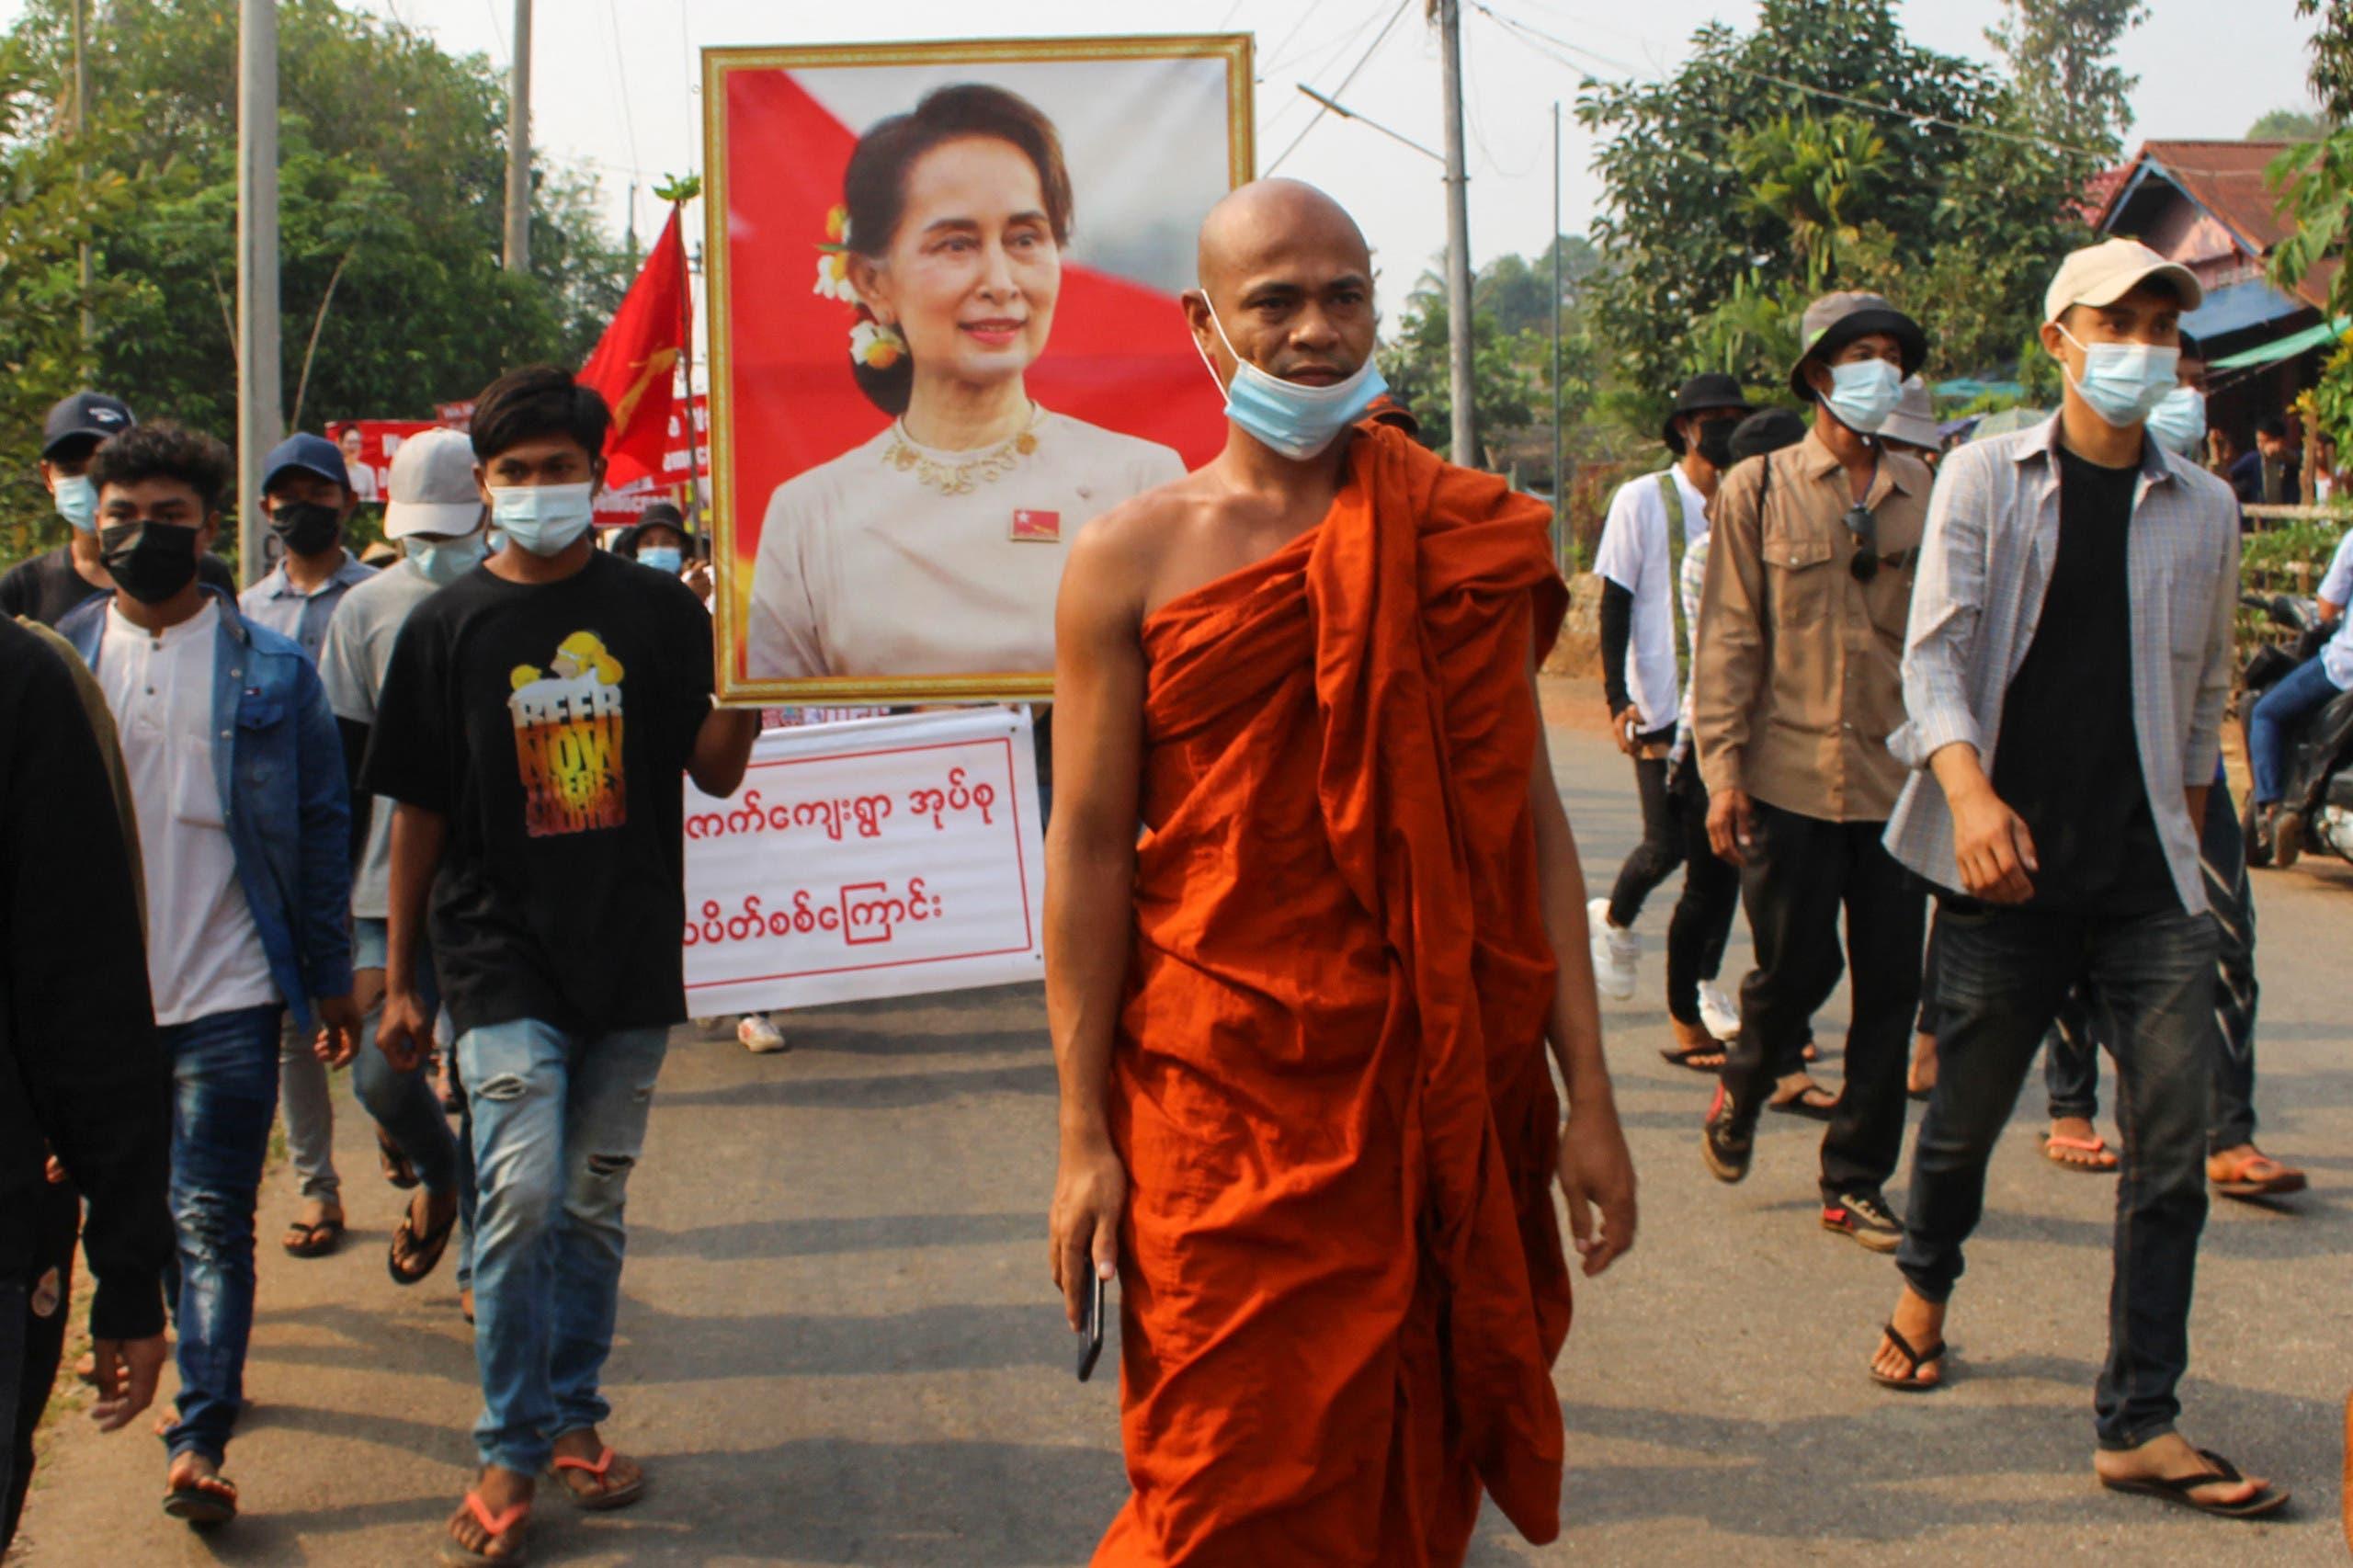 مظاهرة السبت في داوي بميانمار احتجاجاً على الانقلاب رفعت فيها صورة سو تشي